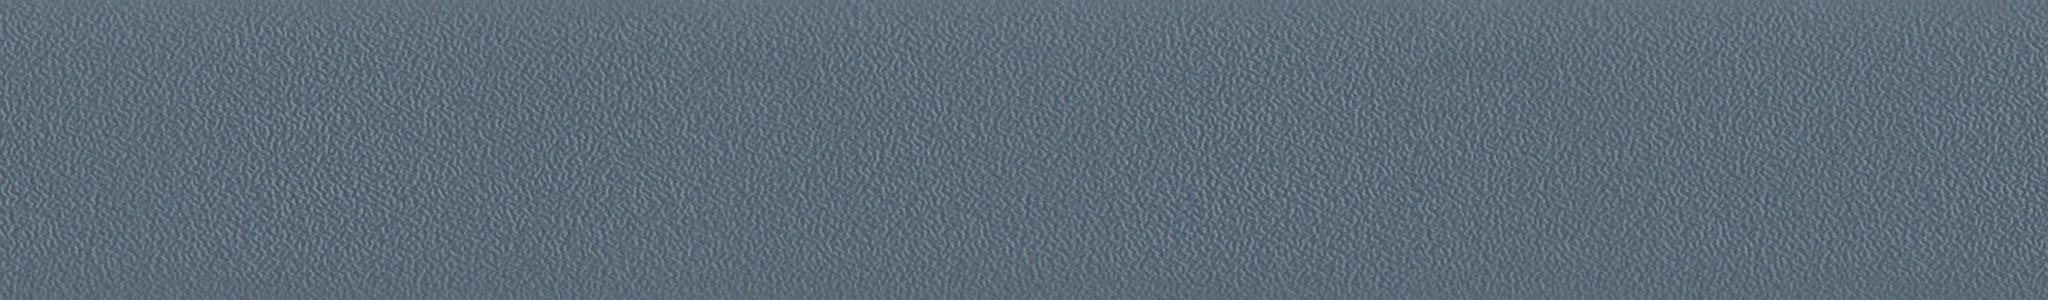 HU 177171 ABS hrana šedá tmavá perla 101